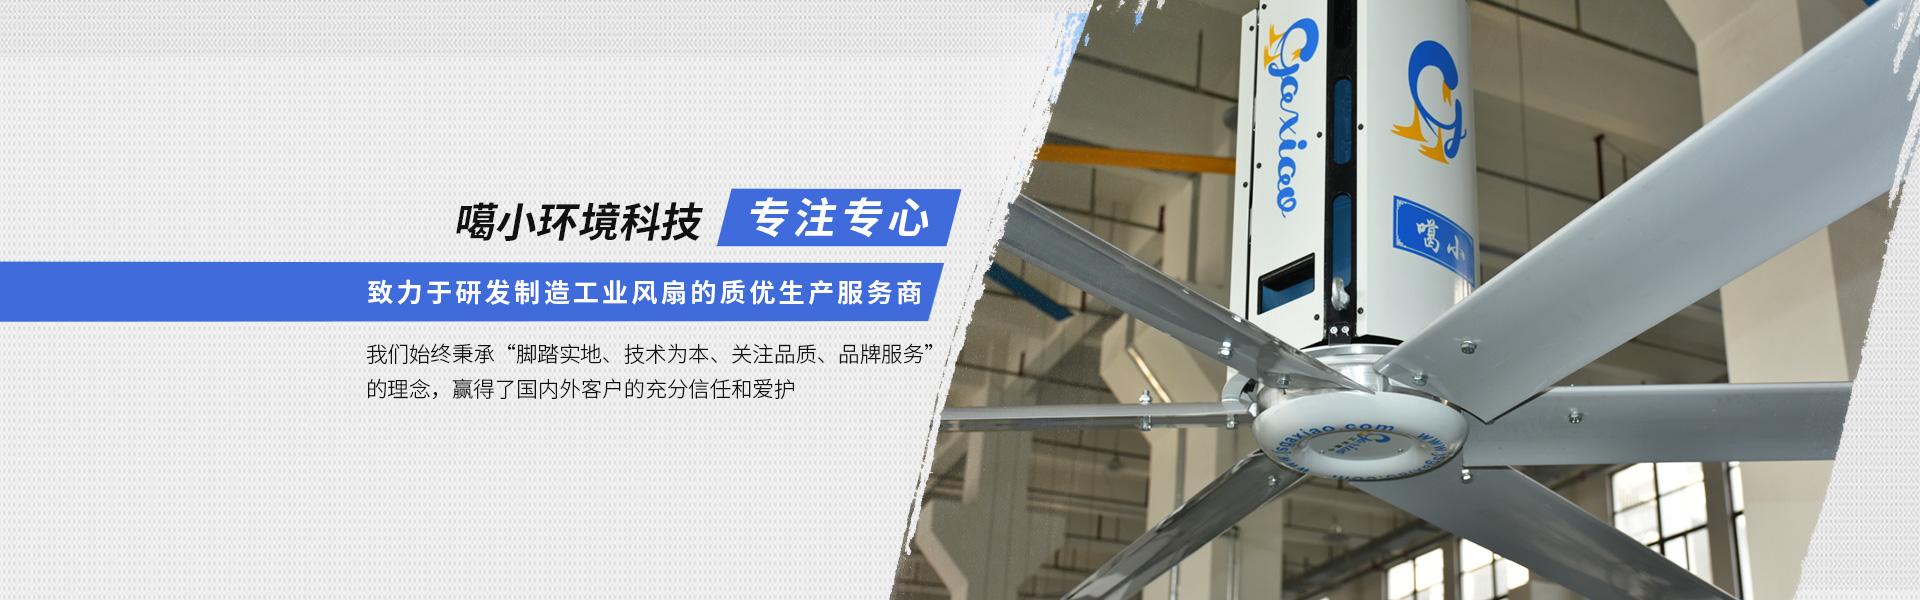 江蘇噶小環境科技有限公司